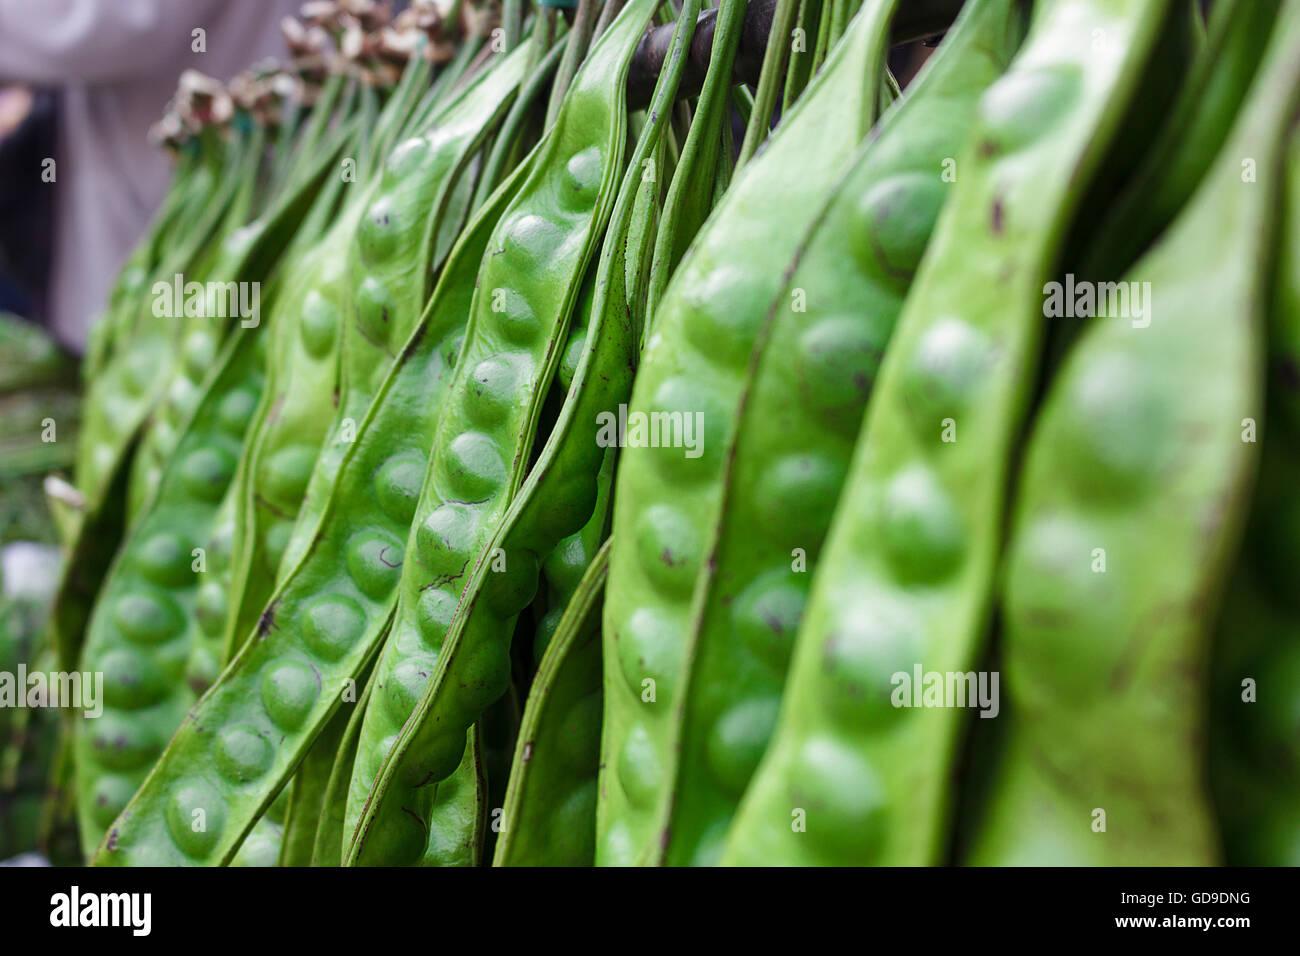 Sato ist eine Pflanze, die als Lebensmittel Zutaten Südthailand hat einen sehr stechenden Geruch Stockbild